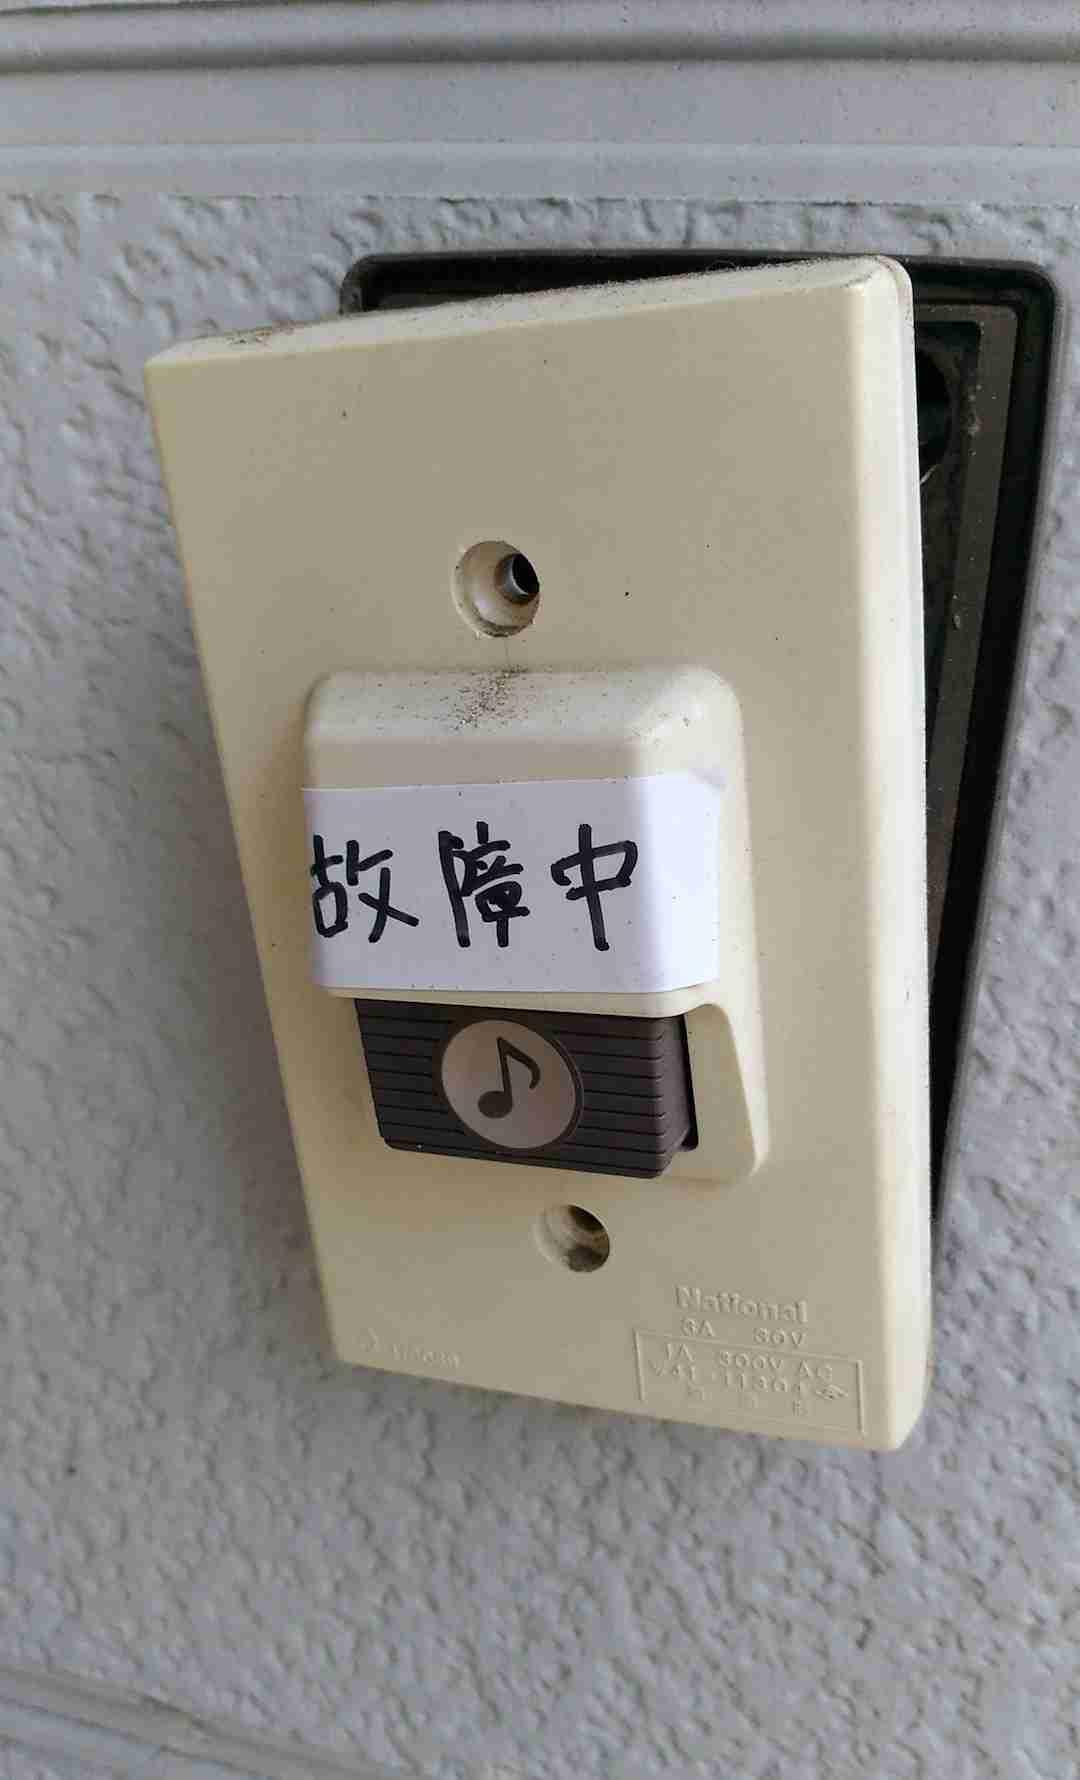 家に来客がある場合。来客の訪問時間が早くなるのはどの程度までOKですか?